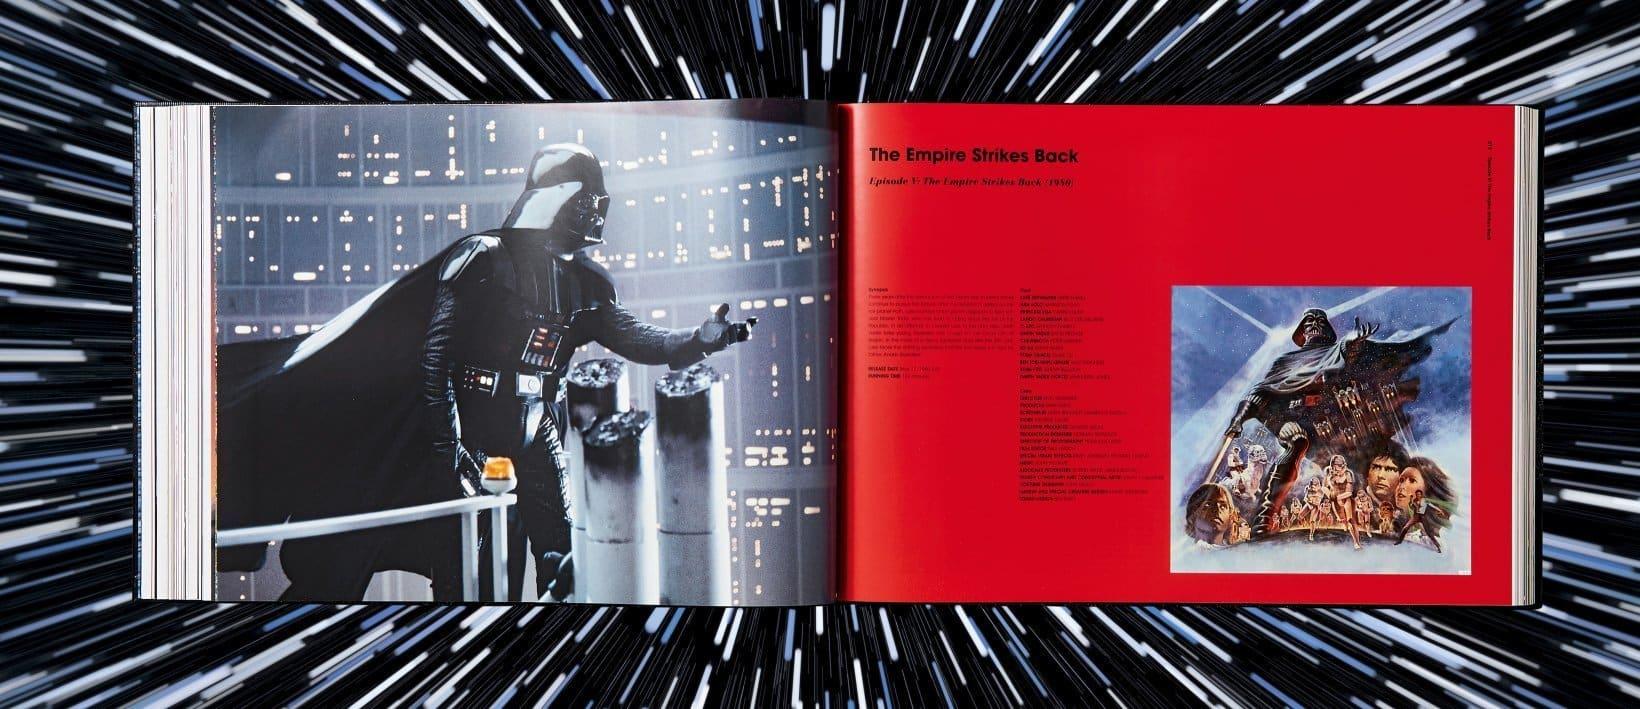 archivos de star wars pagina interior oldskull